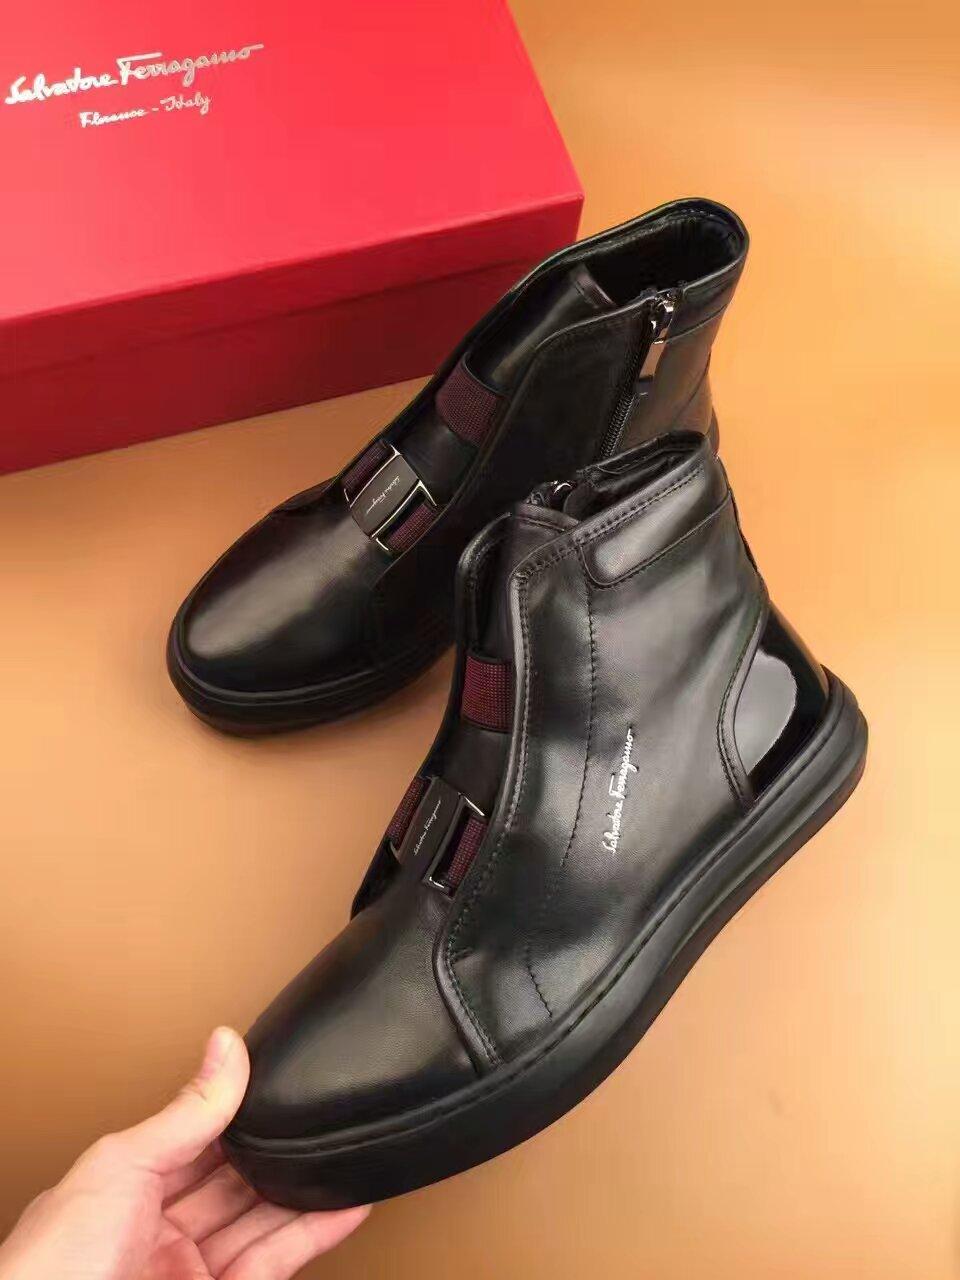 菲拉格慕 Ferragamo2016新款男士秋冬高帮休闲鞋